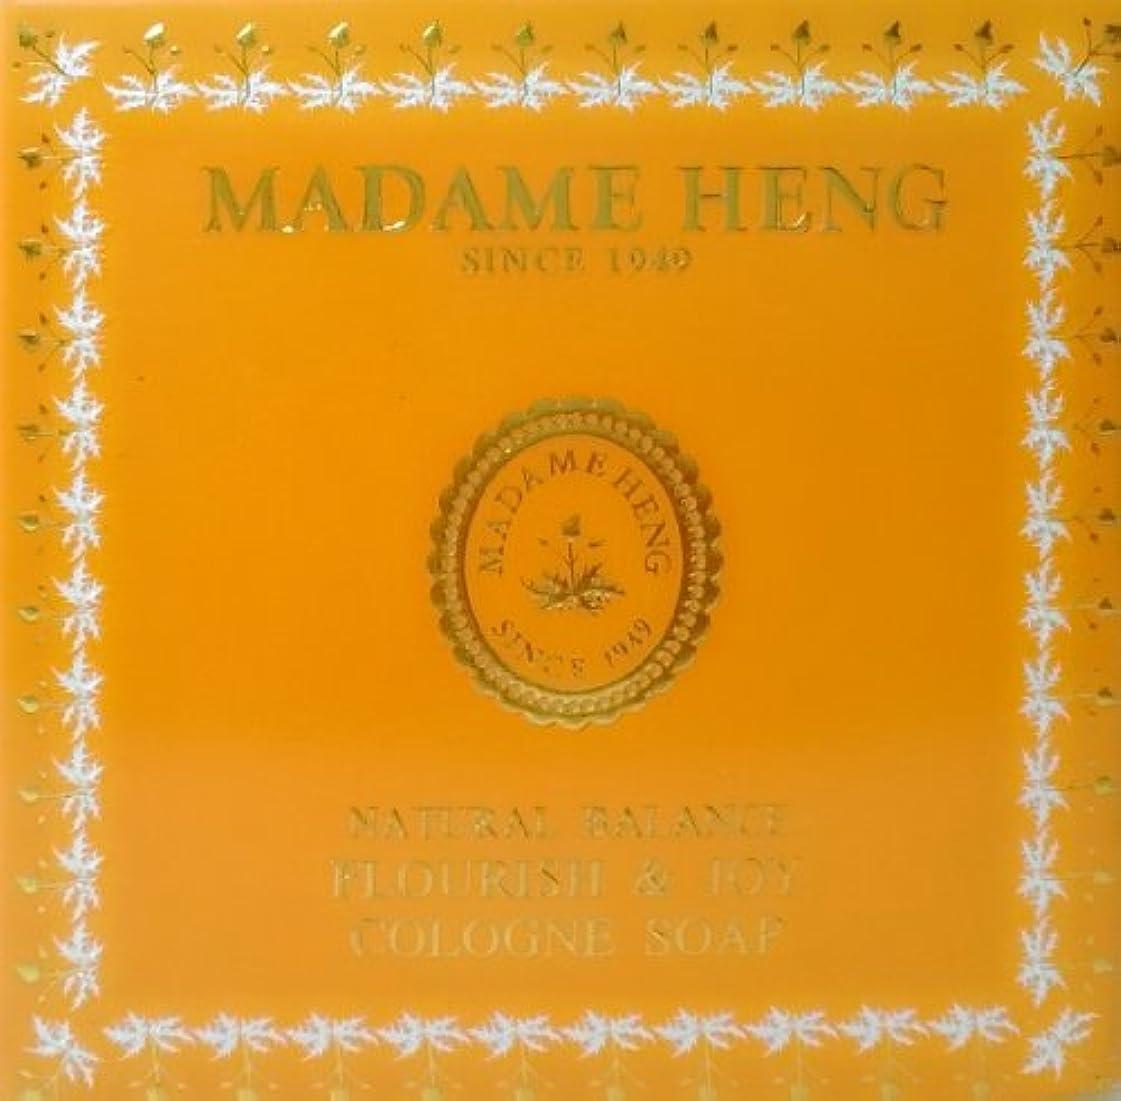 中にいわゆる展示会MADAME HENG NATURAL BALANCE FLOURISH & JOY COLOGNE SOAP